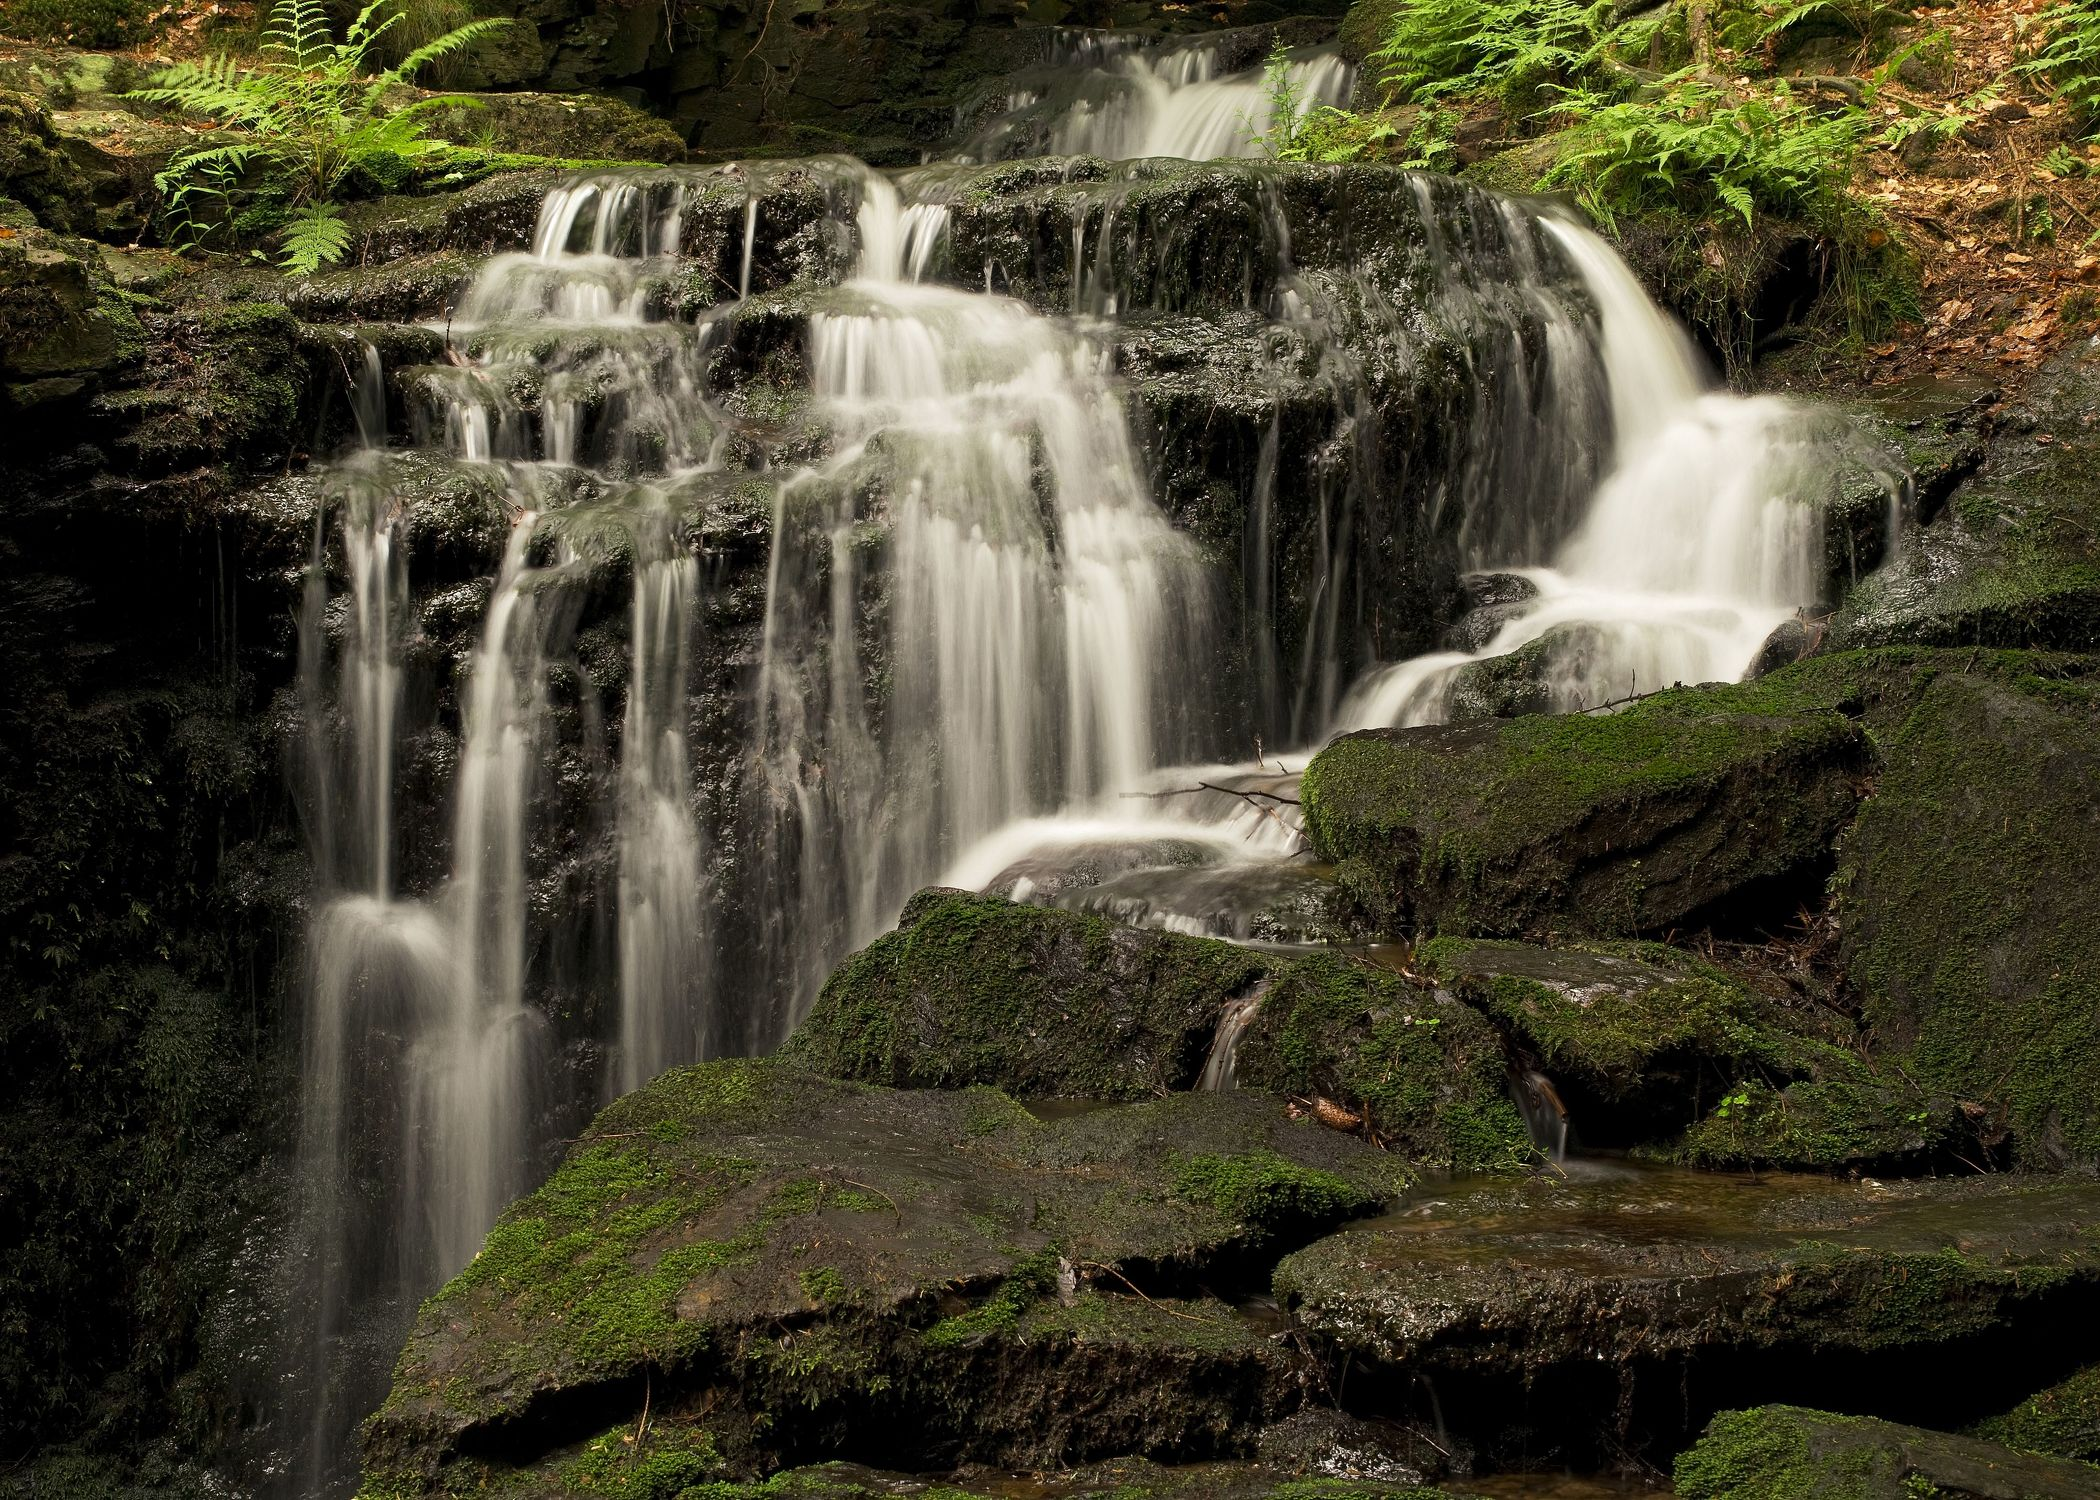 Bild mit Natur, Wasser, Landschaften, Bäume, Gewässer, Wälder, Wasserfälle, Wald, Baum, Landschaft, Wasserfall